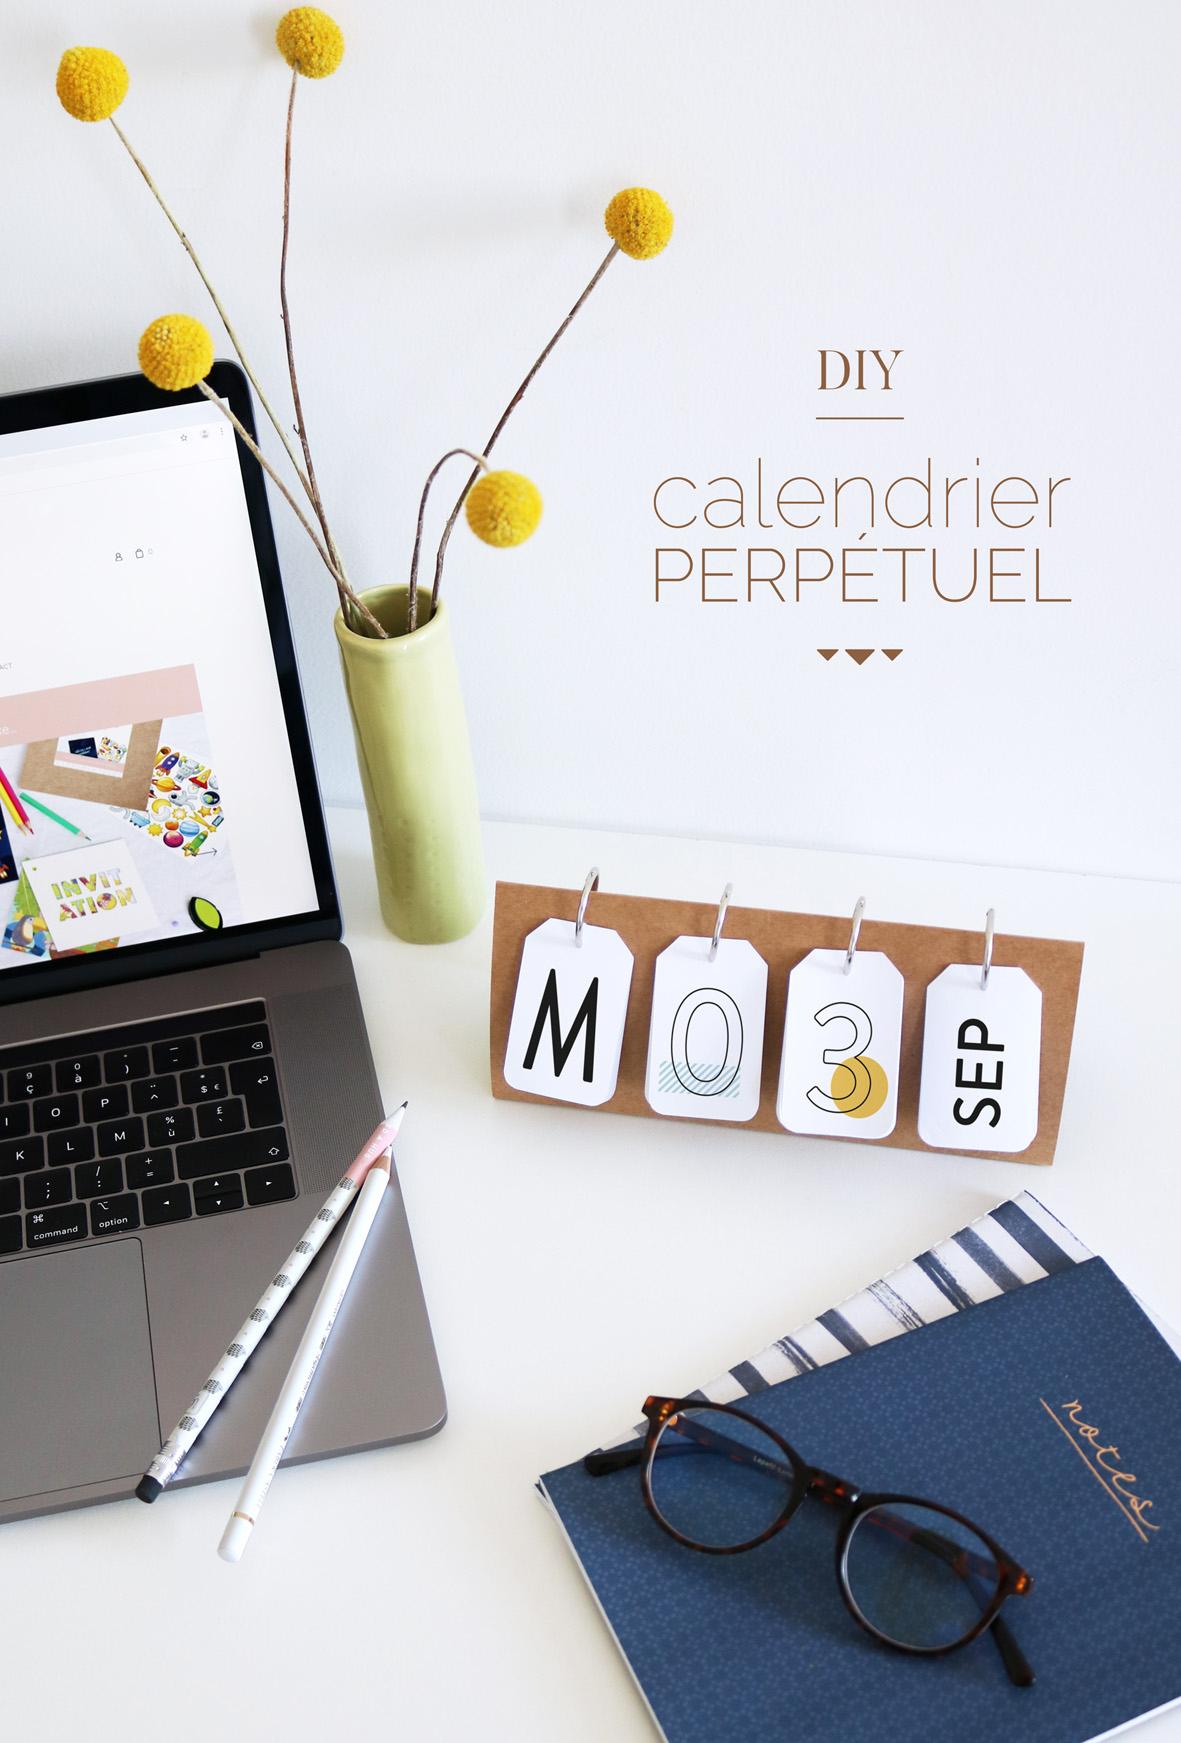 Diy Calendrier Perpétuel En Papier – Joli Jour J / Le Blog concernant Calendrier Anniversaire Perpétuel À Imprimer